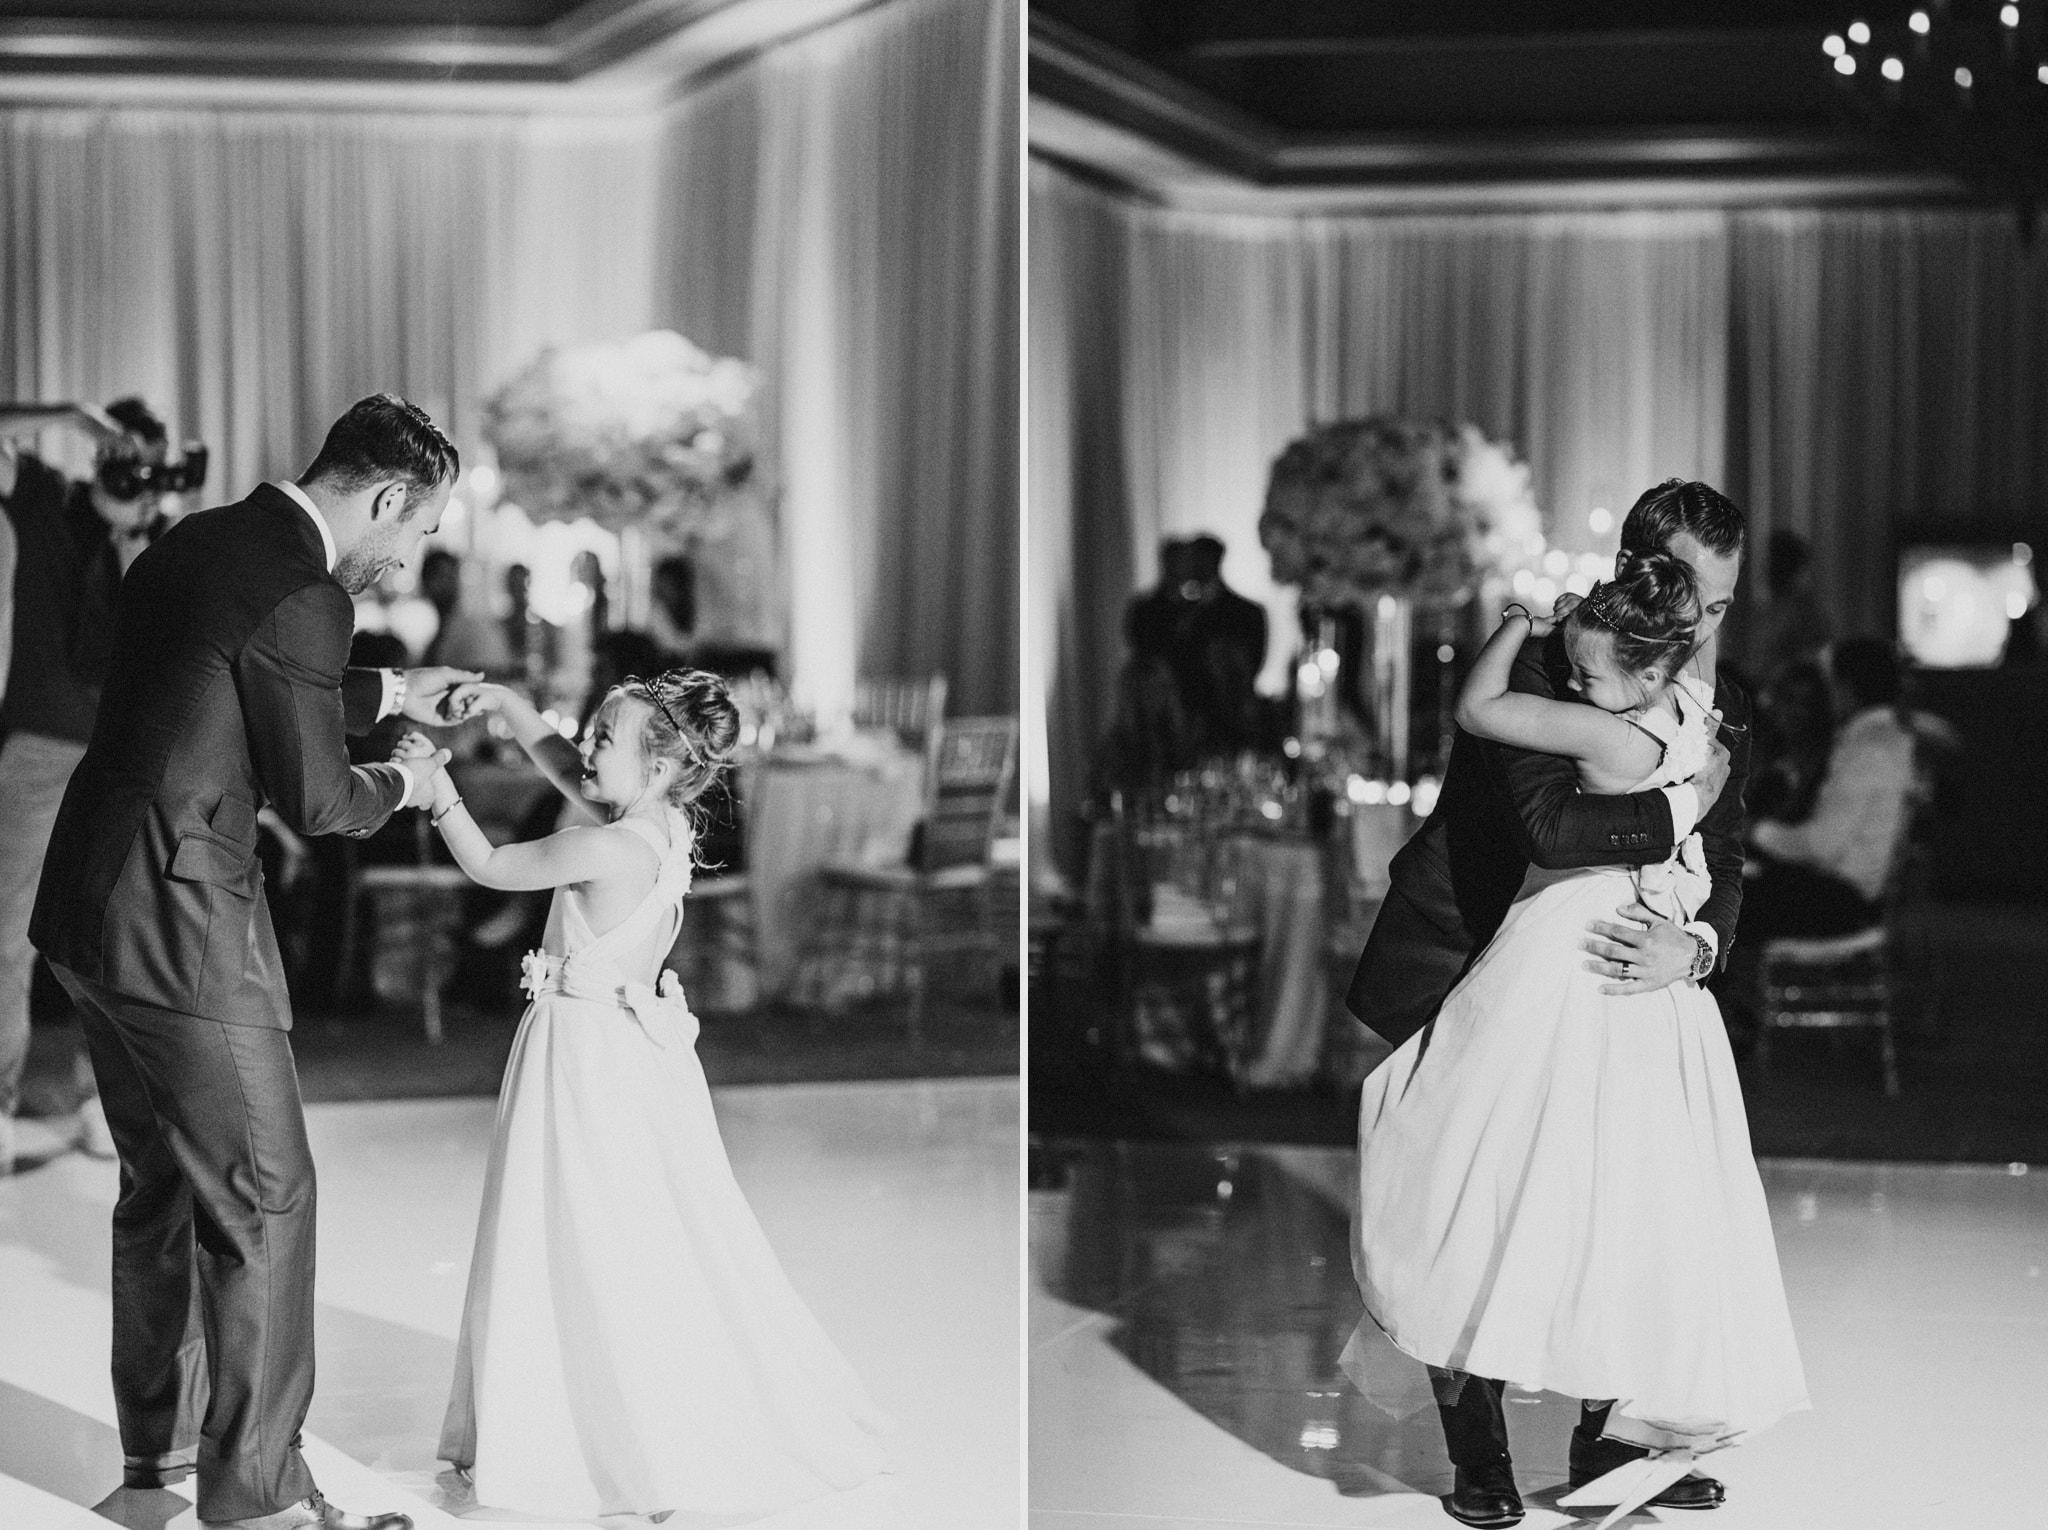 080-wedding-first-dance-daughter.jpg